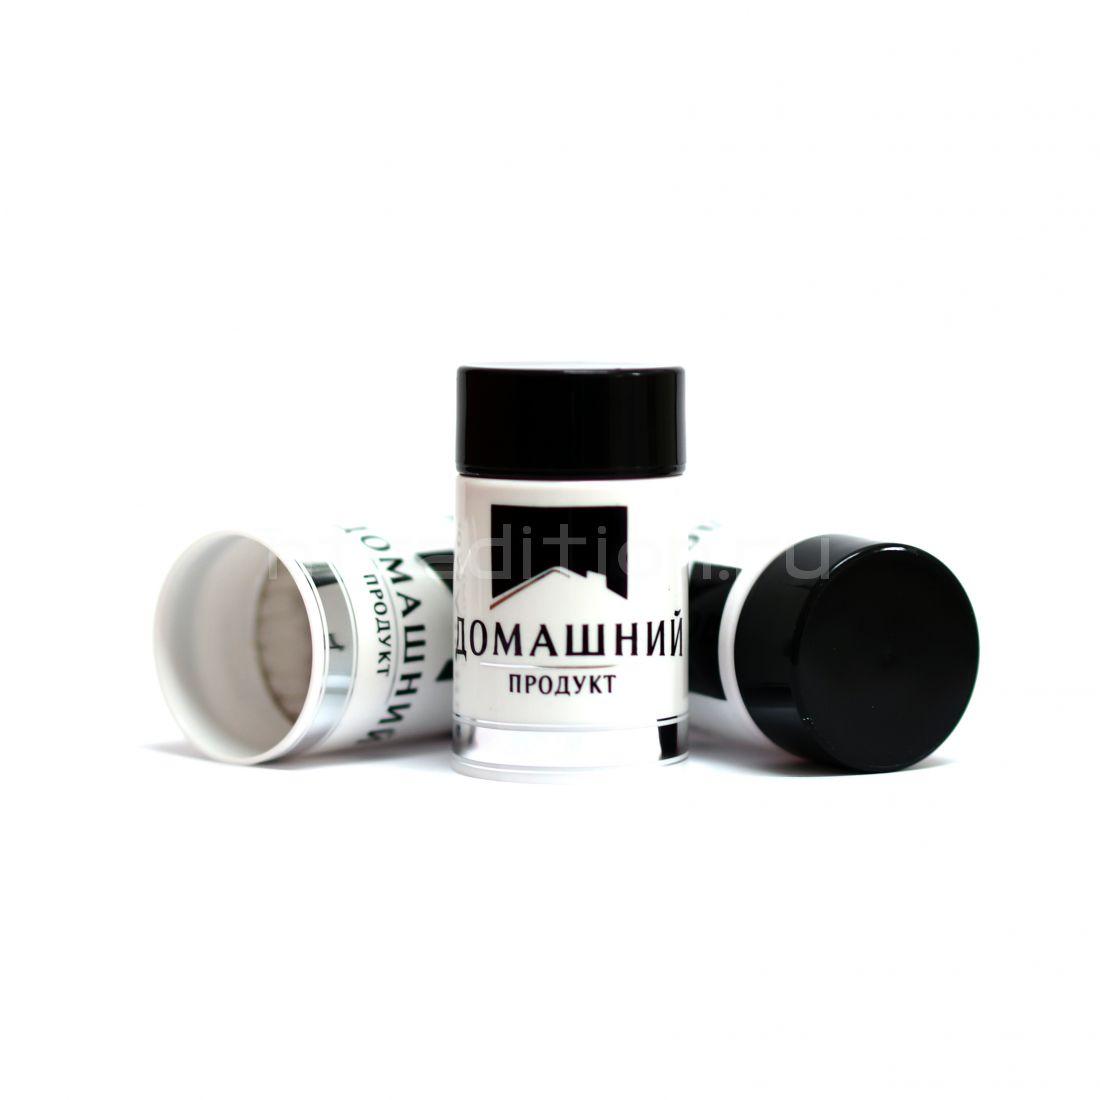 Колпачок с дозатором Домашний продукт чёрный (Гуала 58 мм) / 10 шт